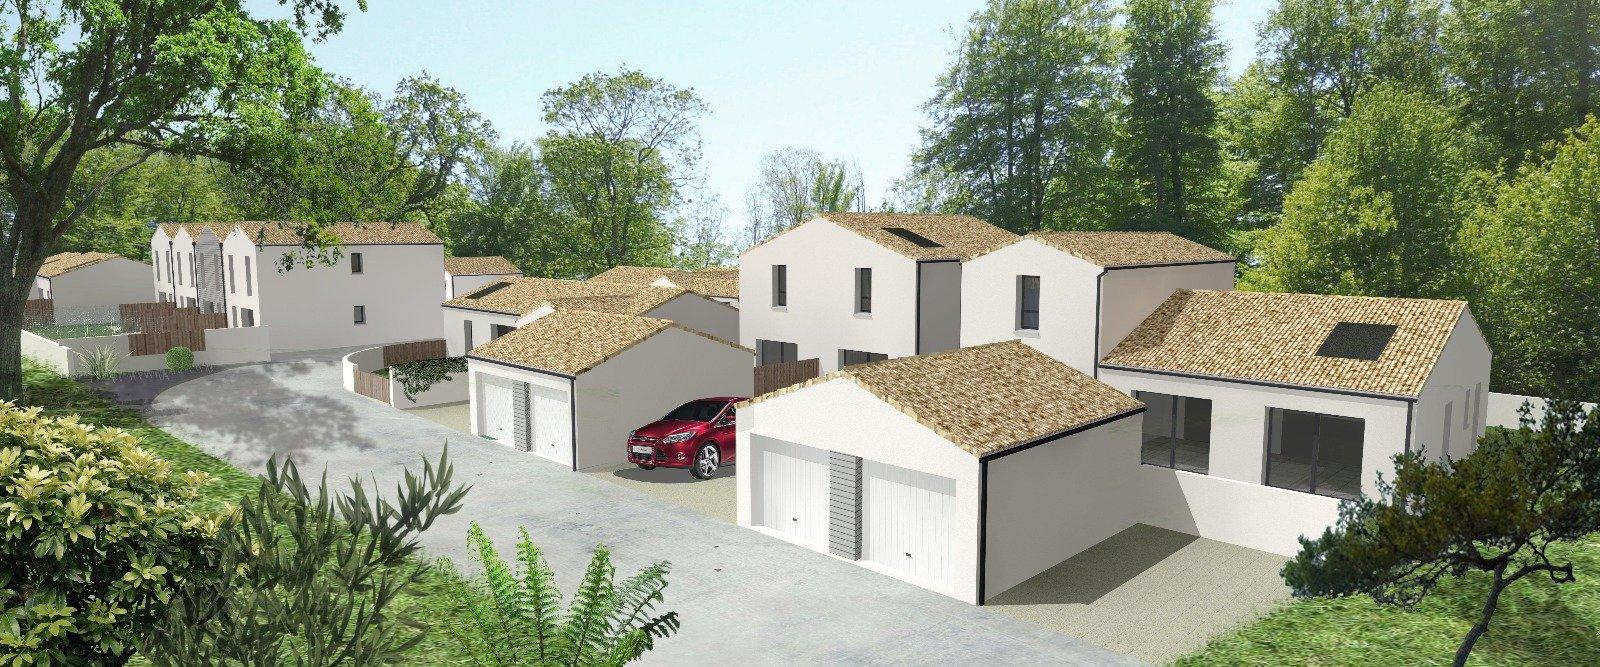 Challans – Maison 3 pièces – 68 m2 – Challans